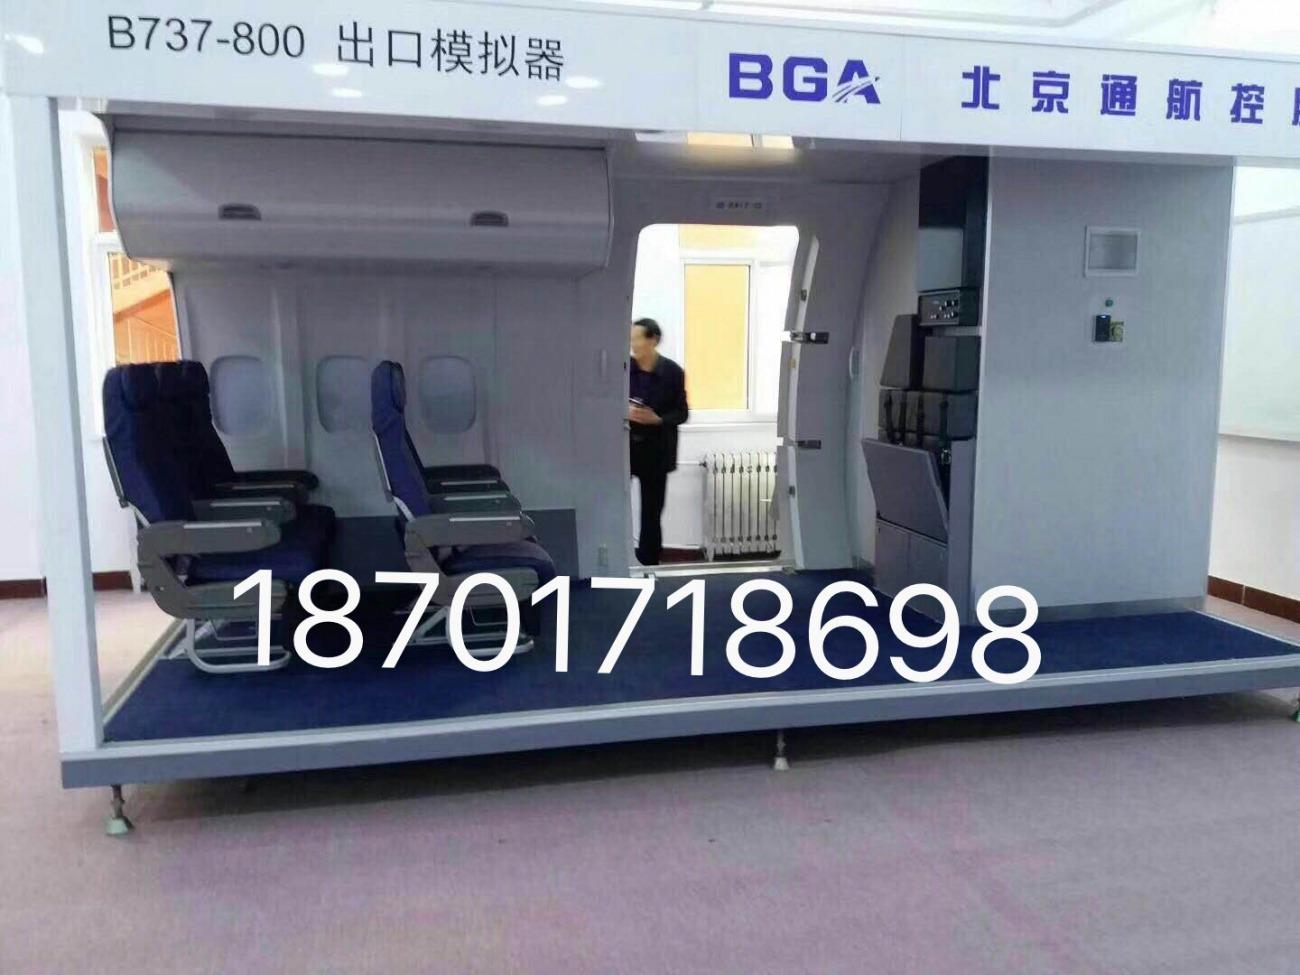 上海立定展示模型有限公司